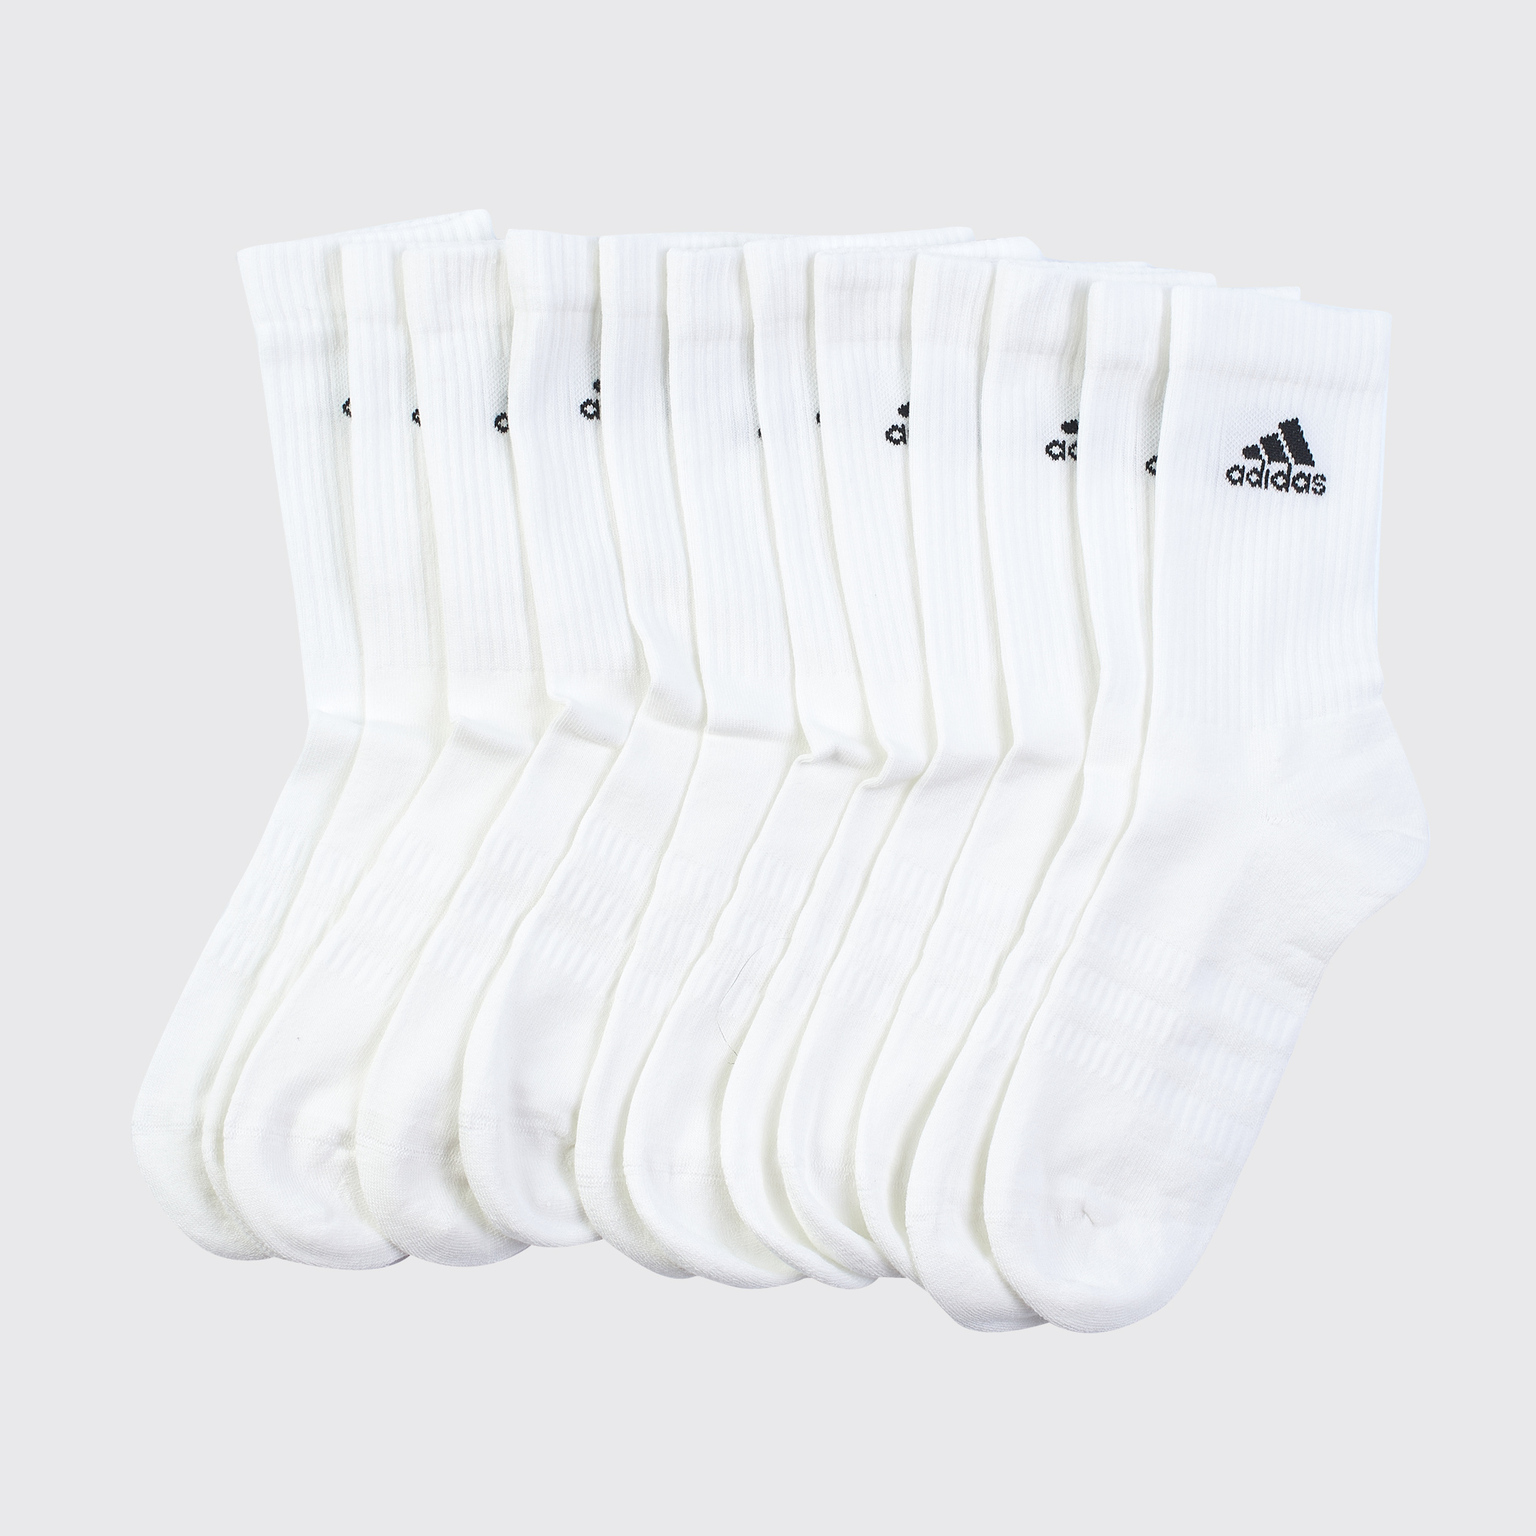 Комплект носков (6 пар) Adidas Cush Crew DZ9353